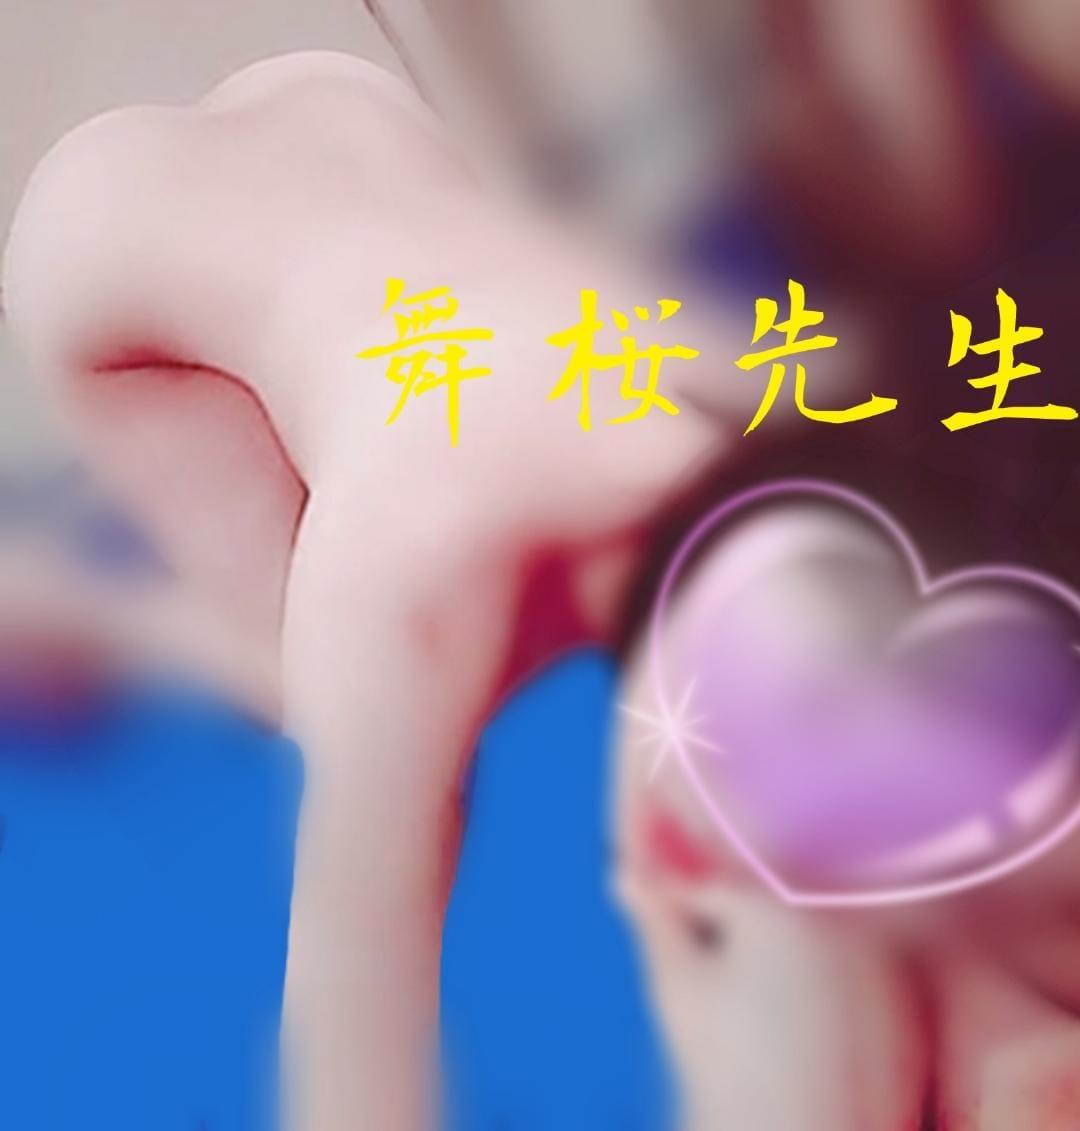 土屋 舞桜「常連認定」11/16(金) 23:44 | 土屋 舞桜の写メ・風俗動画